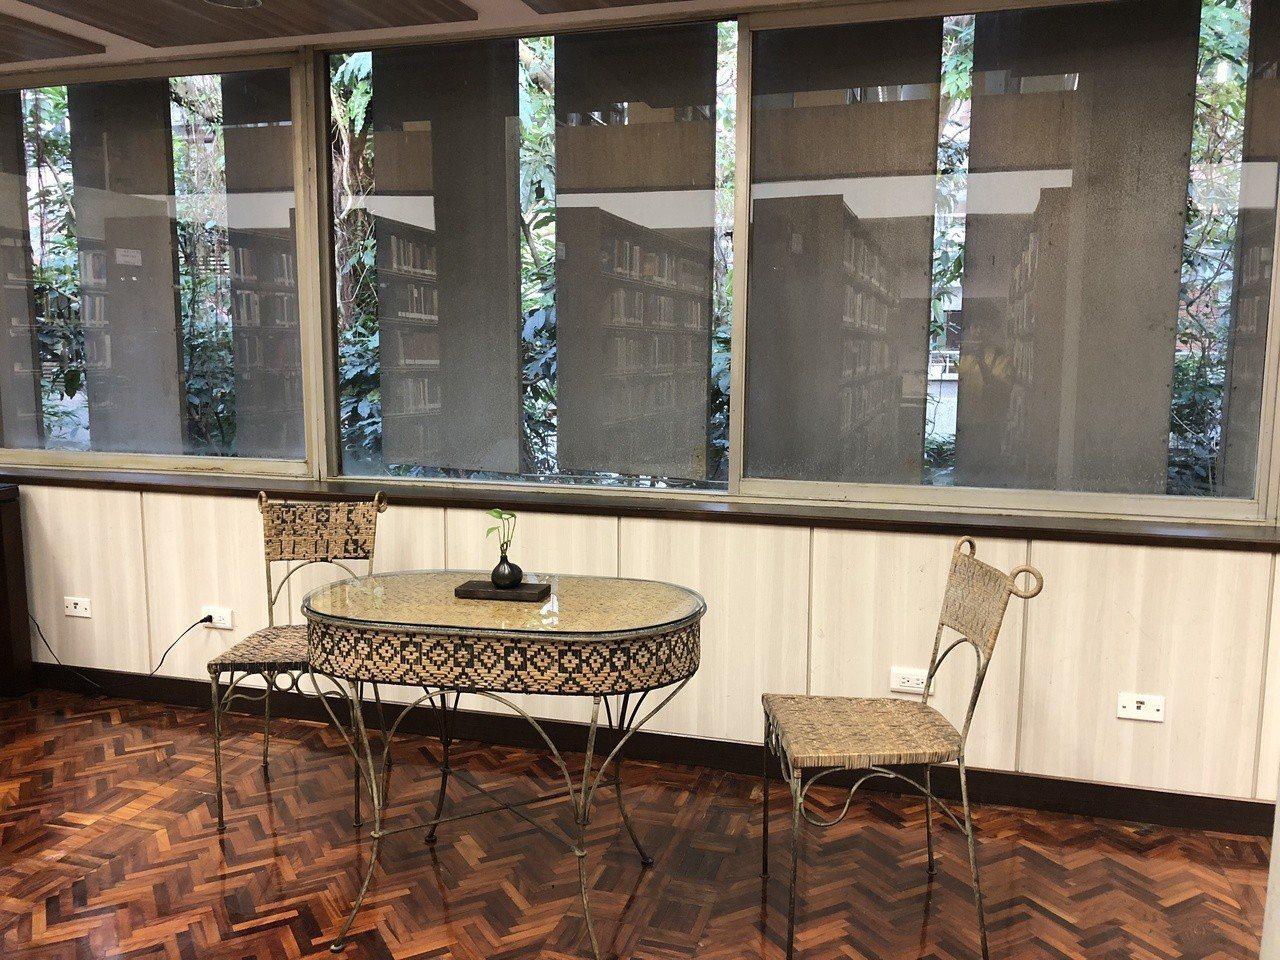 中研院歐美所圖書館觀賞重點,桌椅安排小巧細緻,處處是閱讀美處。記者何定照/攝影